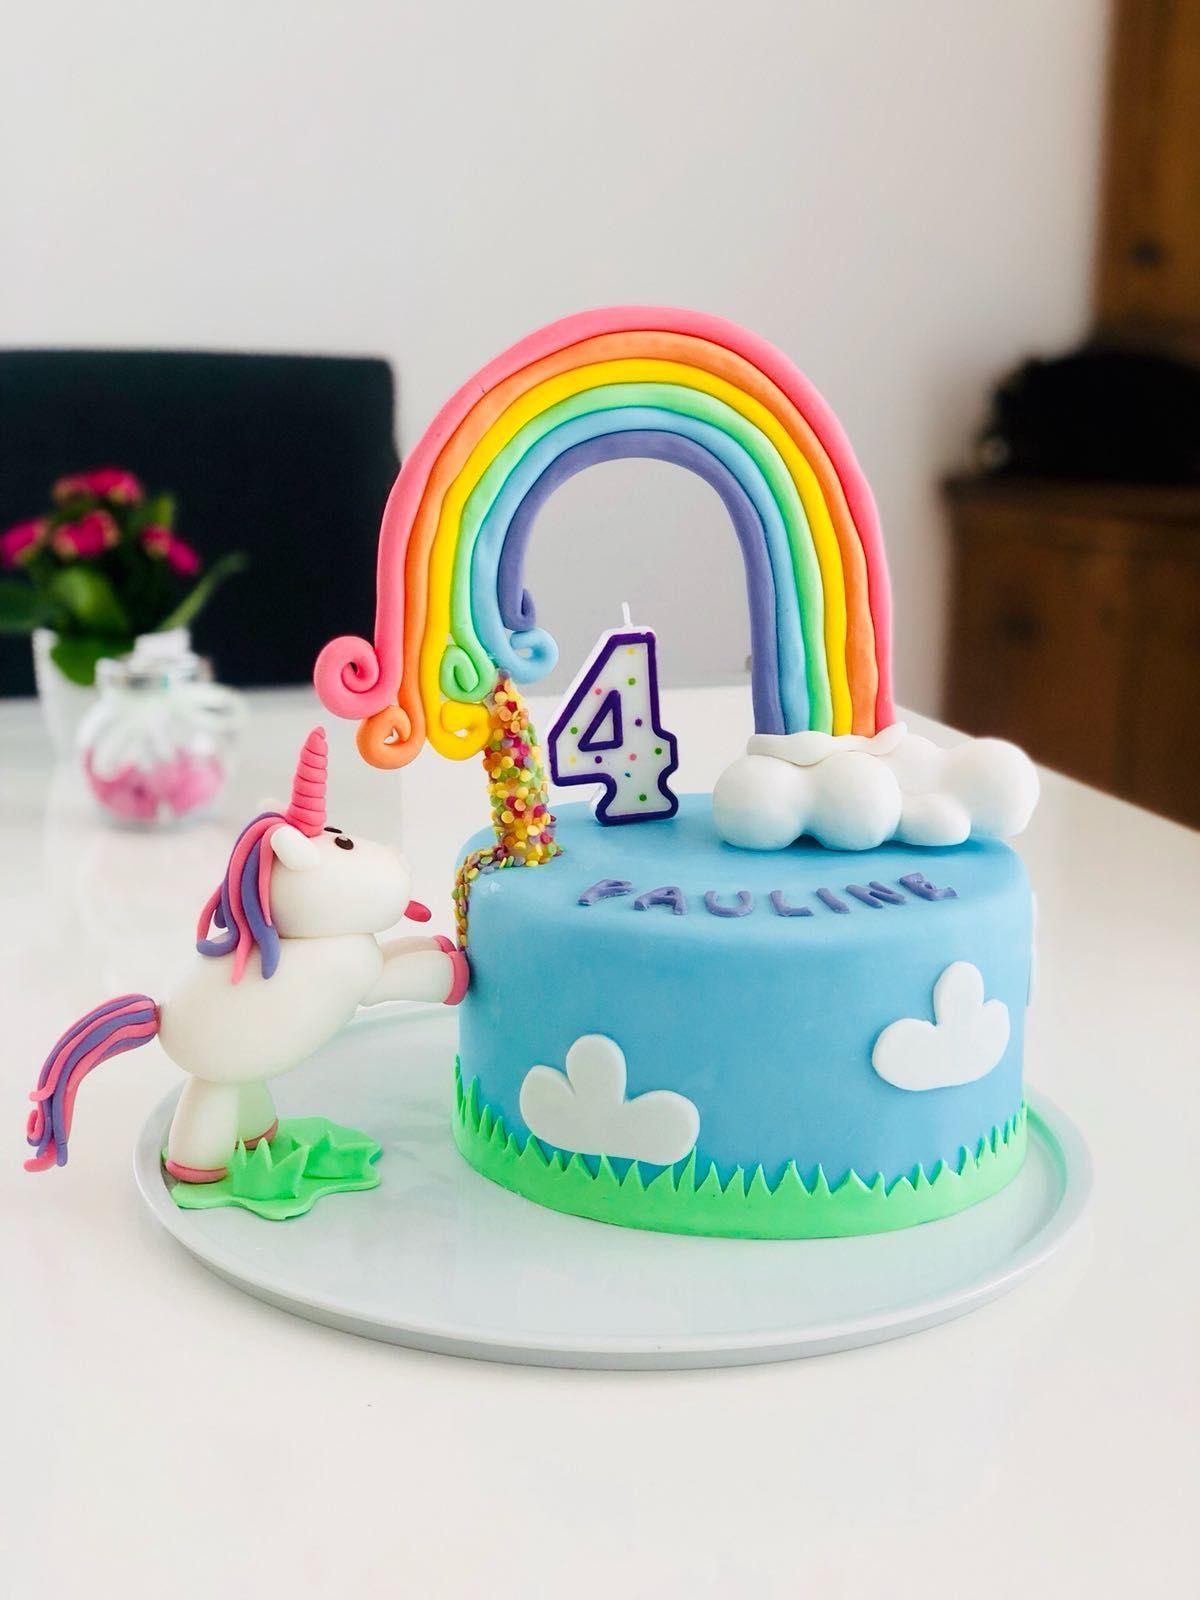 Einhorntorte Geburtstag Madchen 4jahre Regenbogen Torte Kindergeburtstag Geburtstagstorte Kindergeburtstag Kuchen 2 Jahre